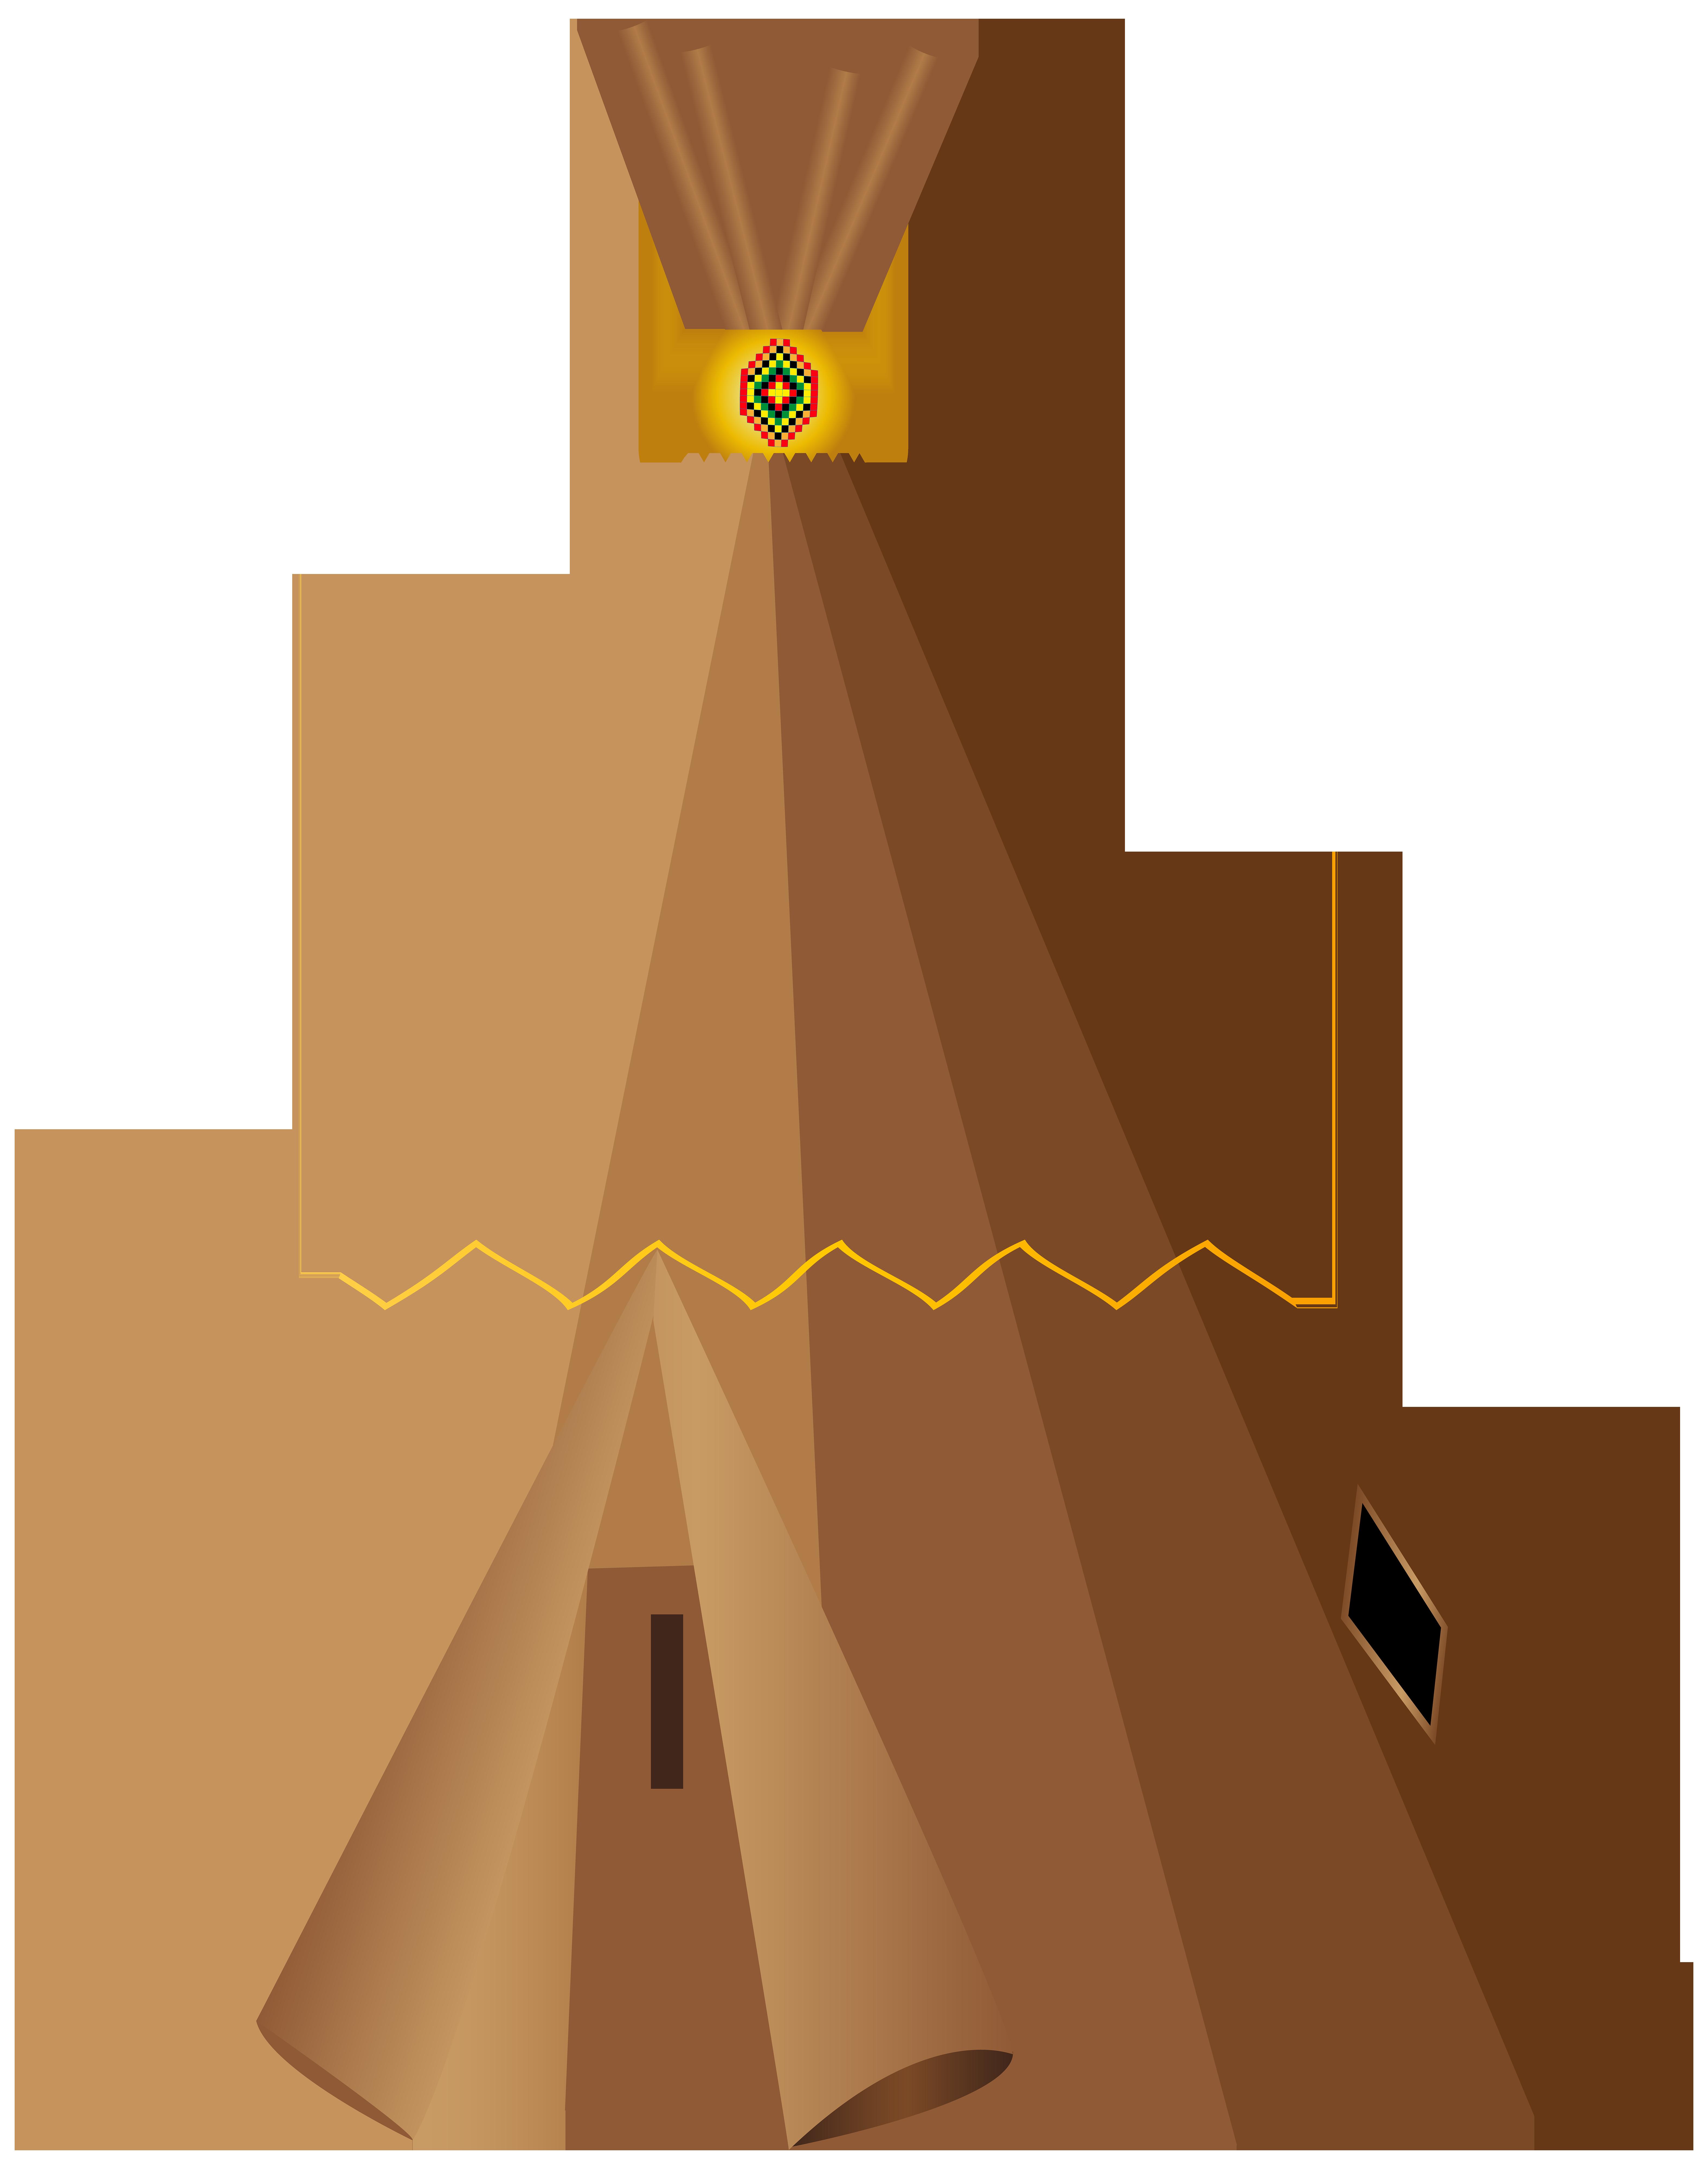 Tipi pow wow yurt. Clipart tent tee pee